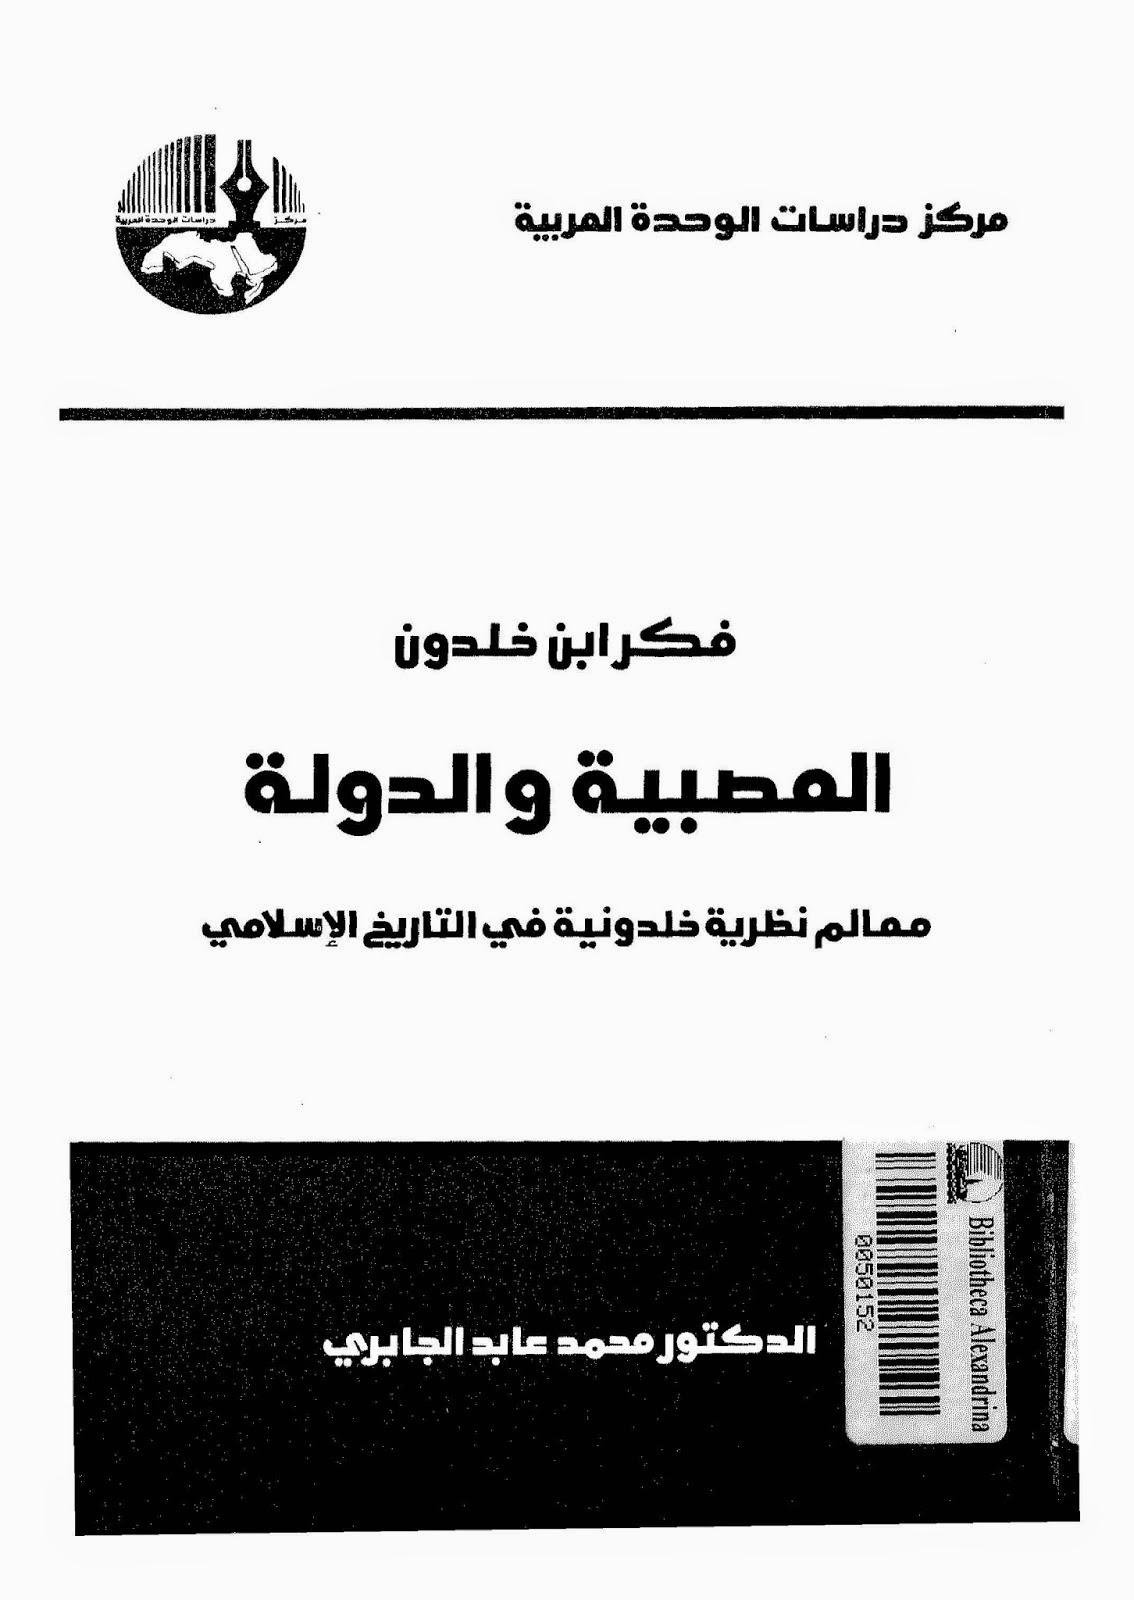 حمل الكتاب فكر ابن خلدون العصبية والدولة لـ الدكتور محمد عابد الجابري